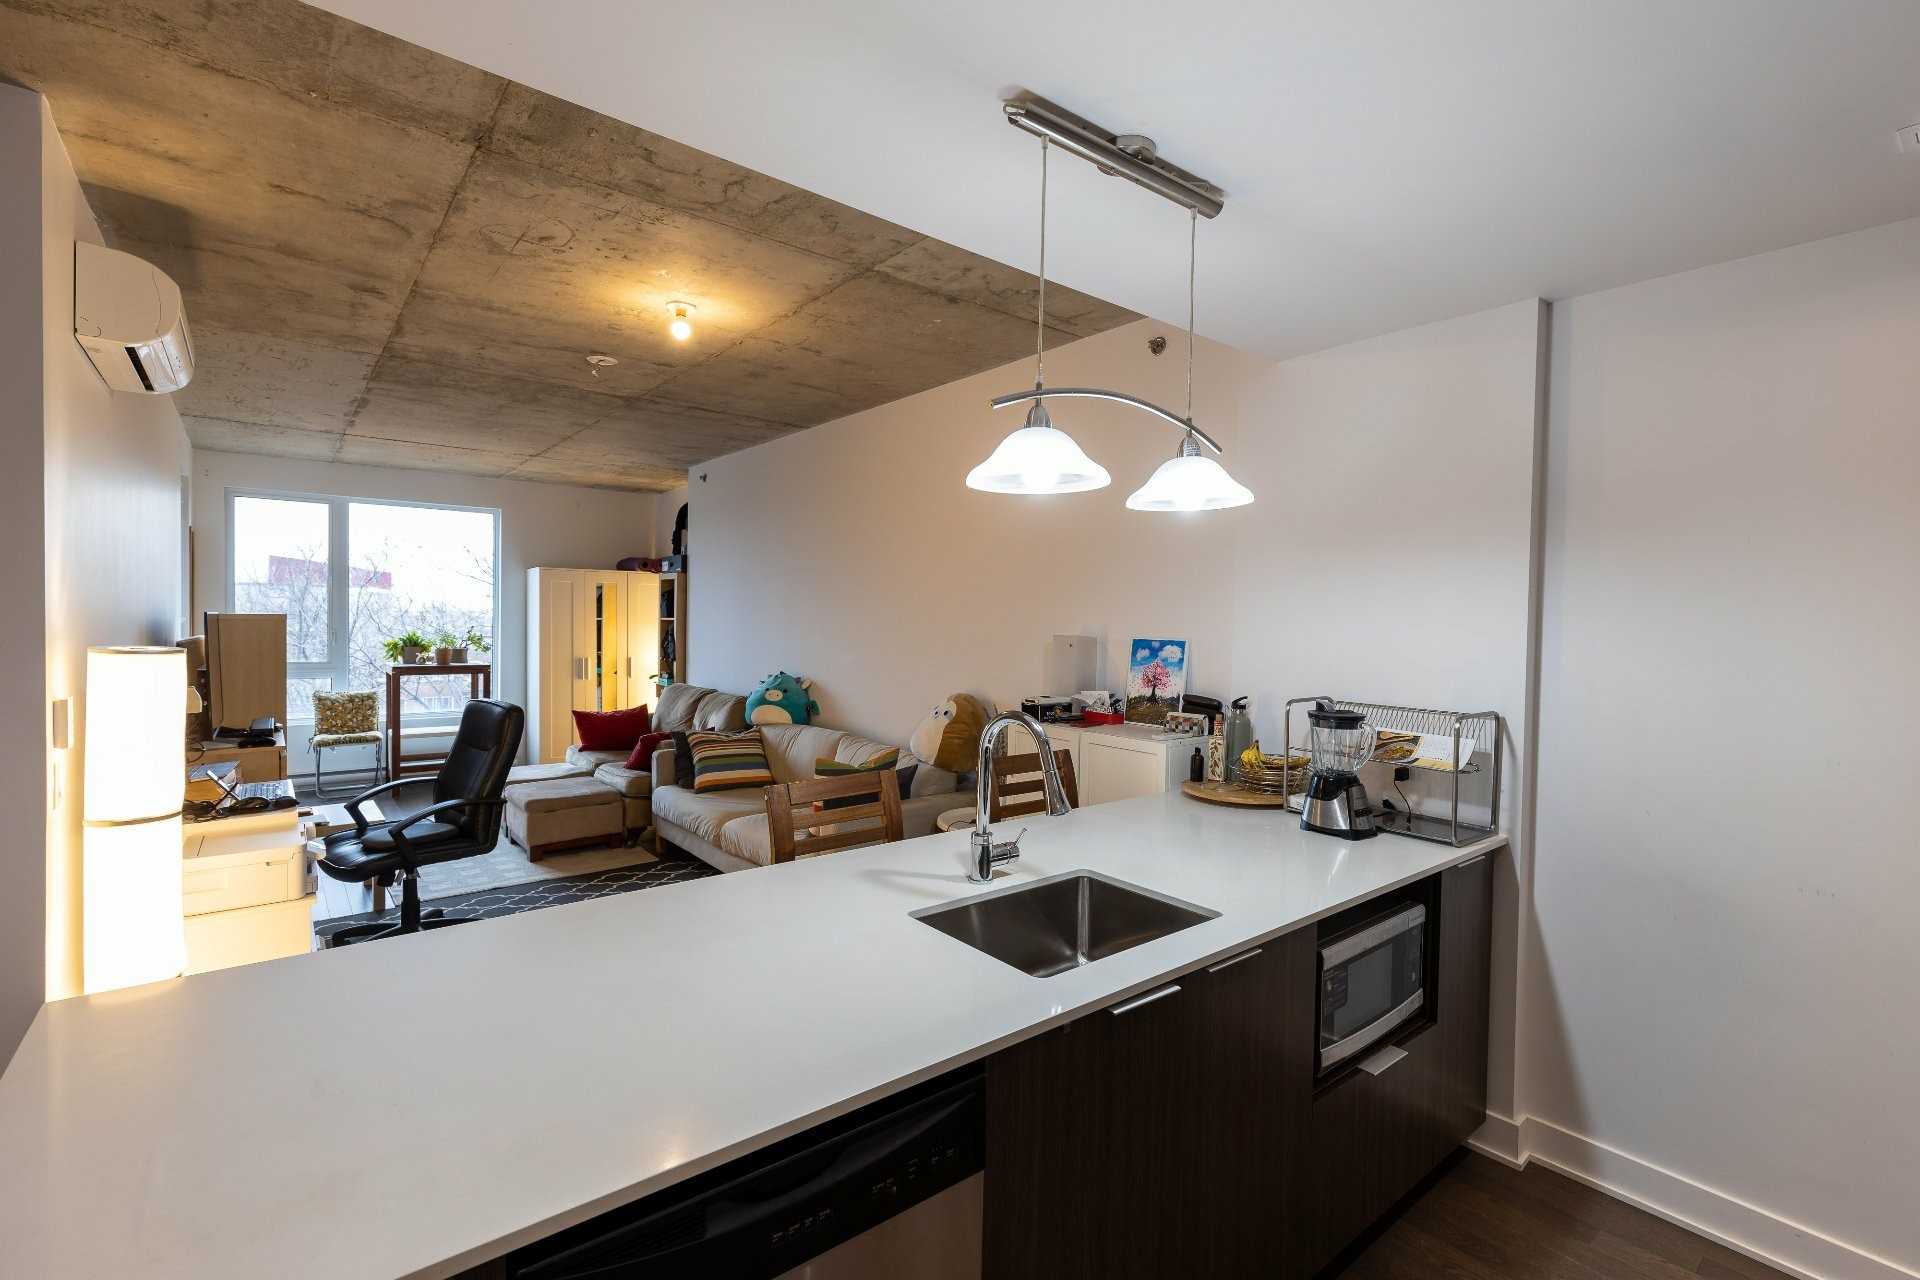 image 2 - Appartement À vendre Côte-des-Neiges/Notre-Dame-de-Grâce Montréal  - 5 pièces